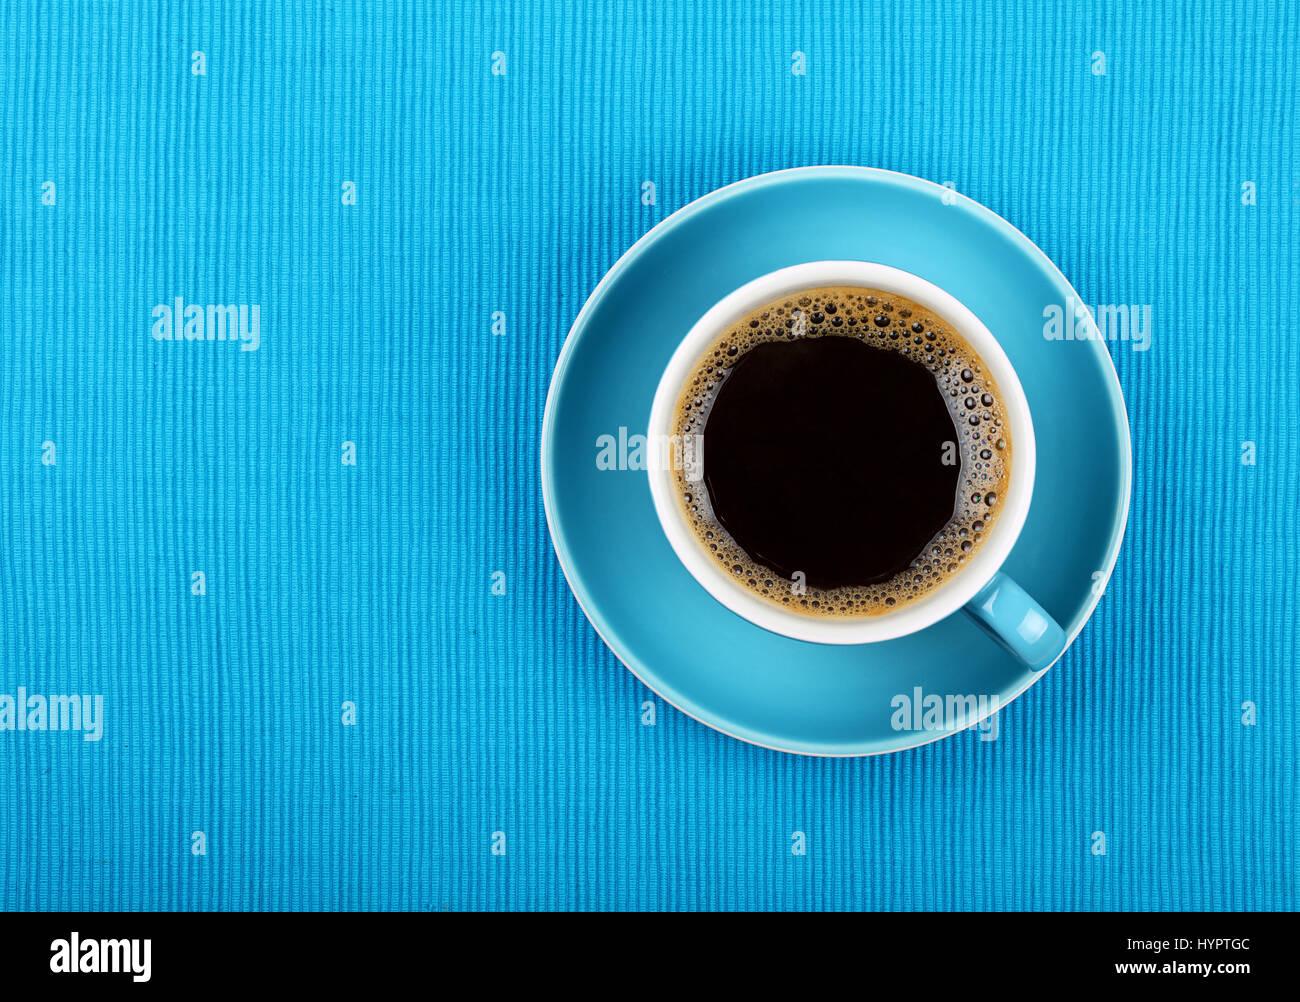 Taza llena de negro americano o café instantáneo en un platito sobre un mantel azul, cerrar, niveles elevados Imagen De Stock